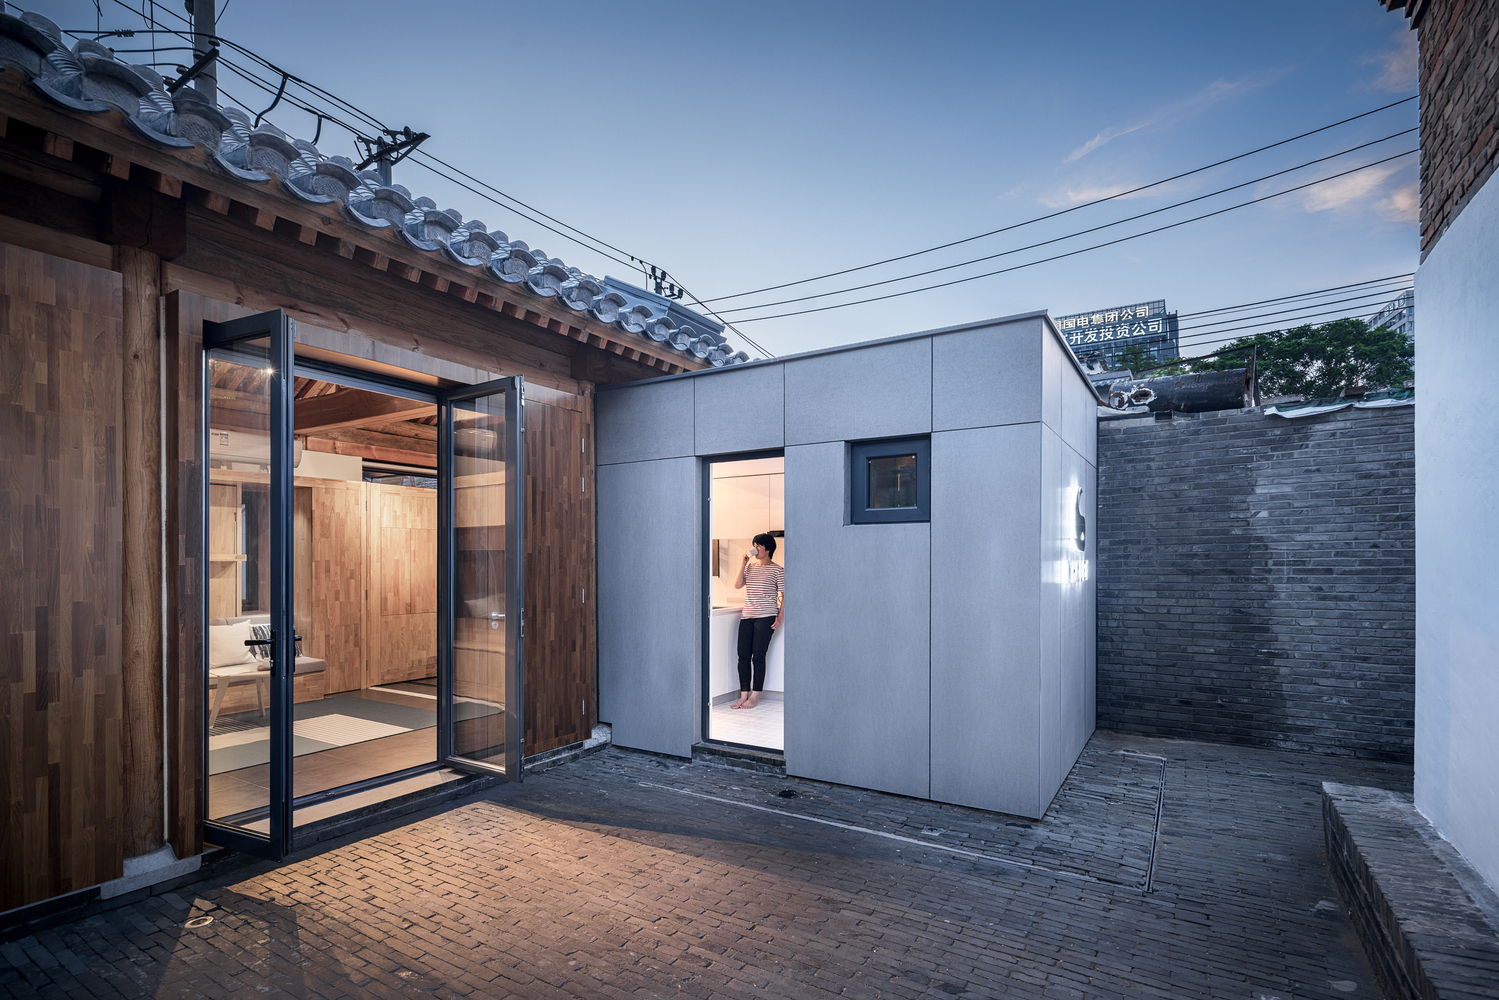 Domótica em reformas: é possível tornar inteligente um projeto construído?,© Qingshan Wu